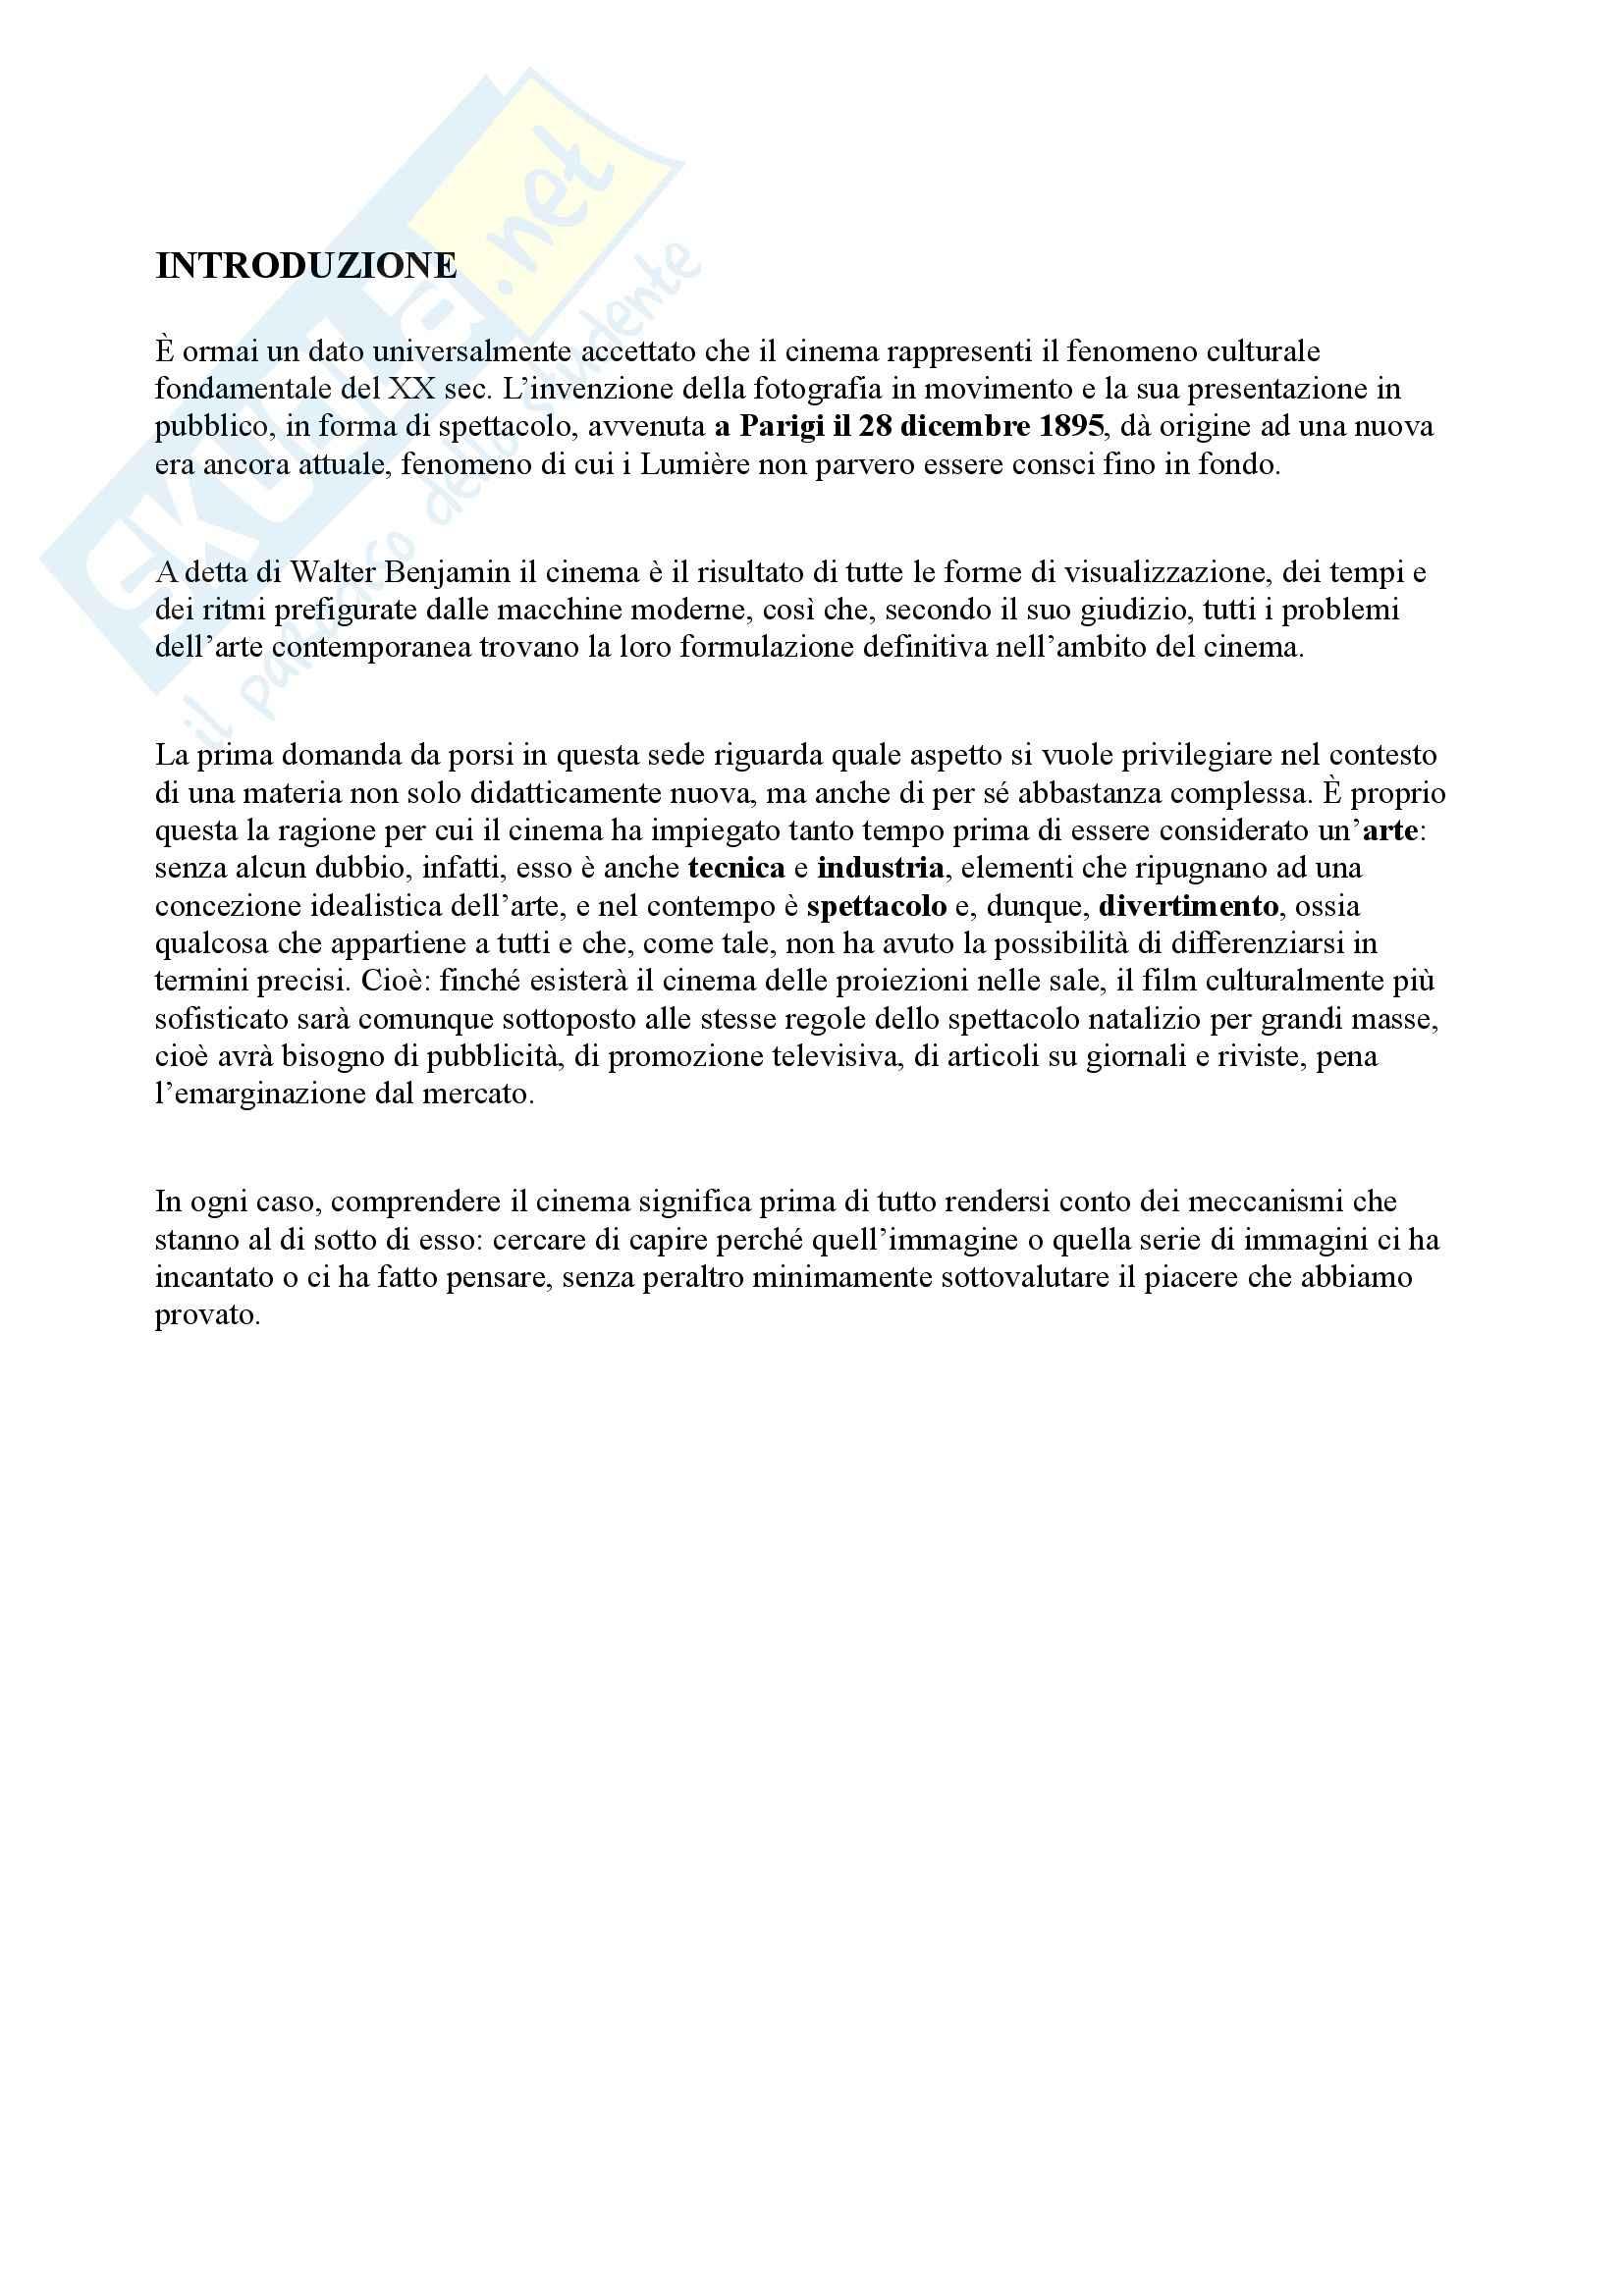 Riassunto esame Storia e critica del cinema, prof. Campari, libro consigliato Cinema, generi, tecniche e autori, Campari